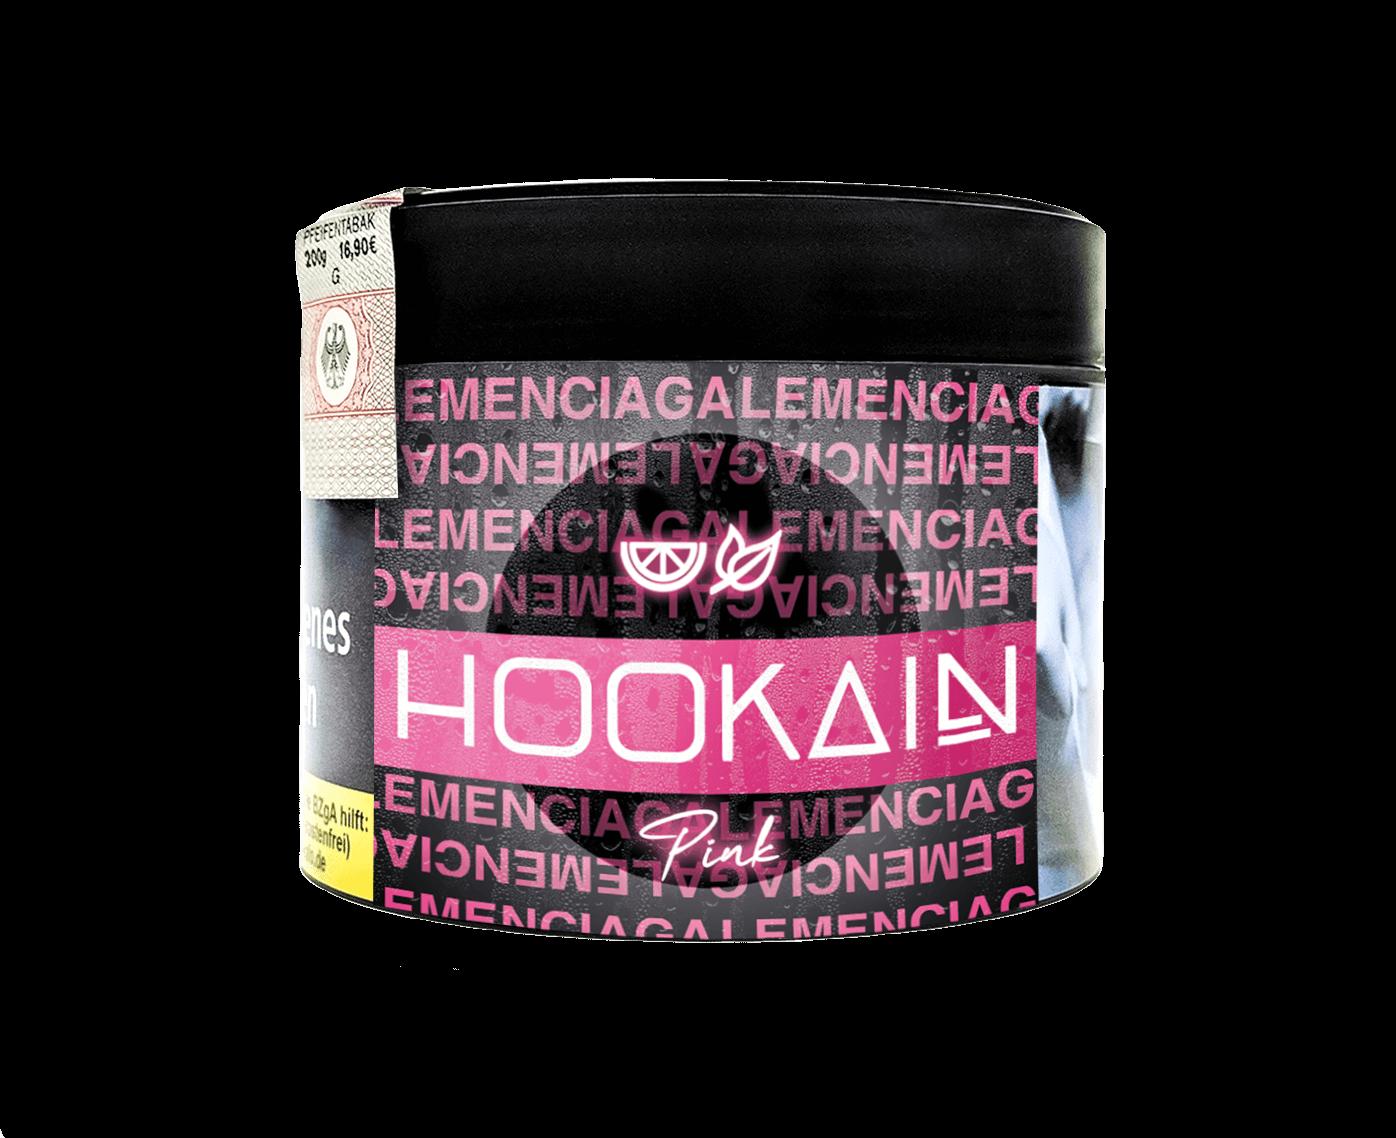 Hookain Pink Lemenciaga 200g